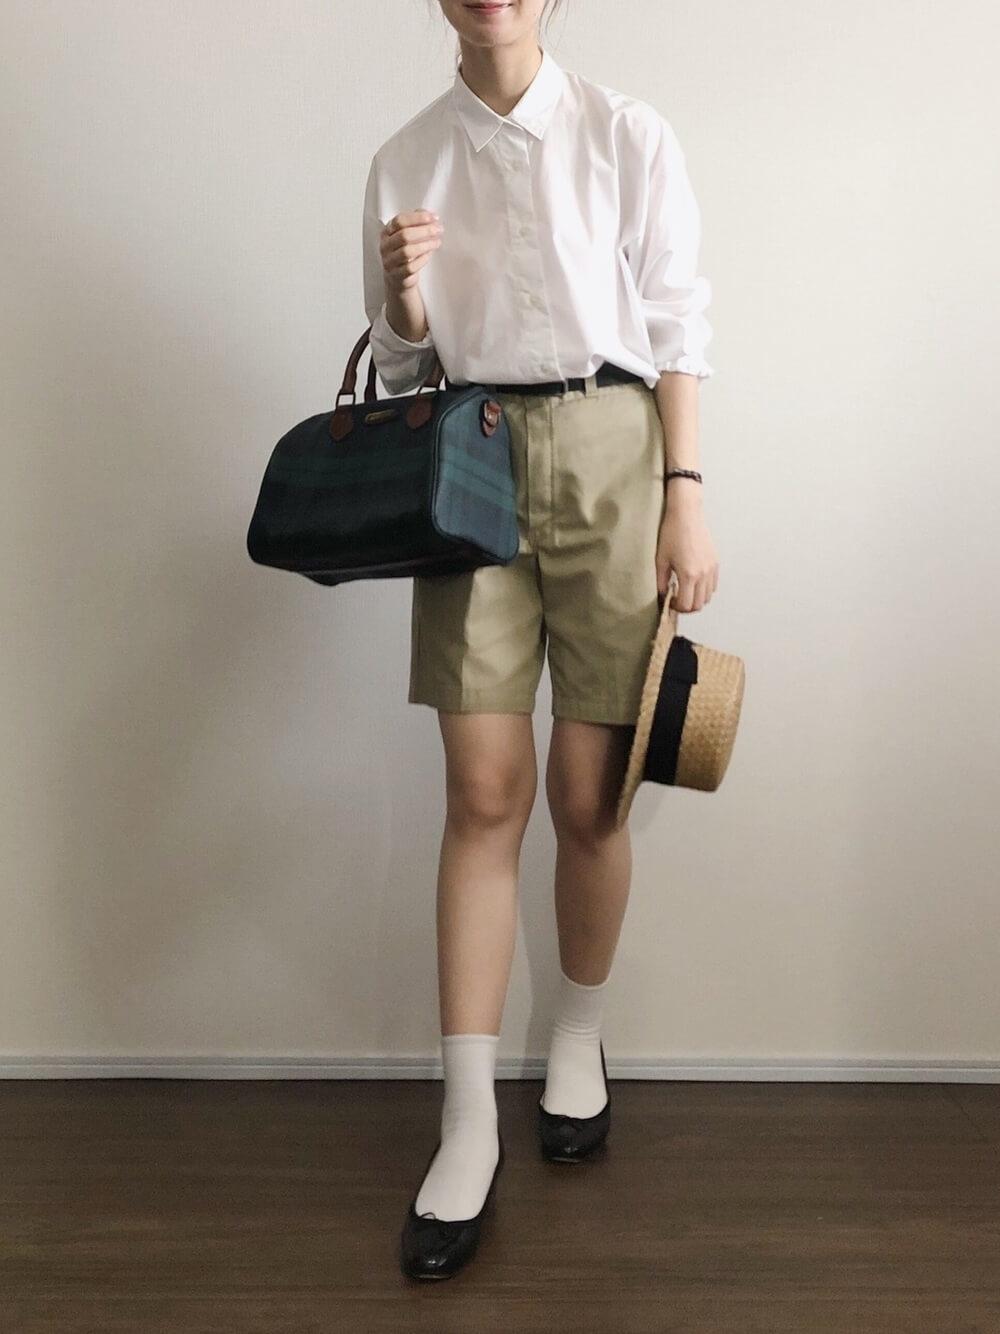 カンカン帽×白のシャツ×ベージュのショートパンツ×黒のパンプス